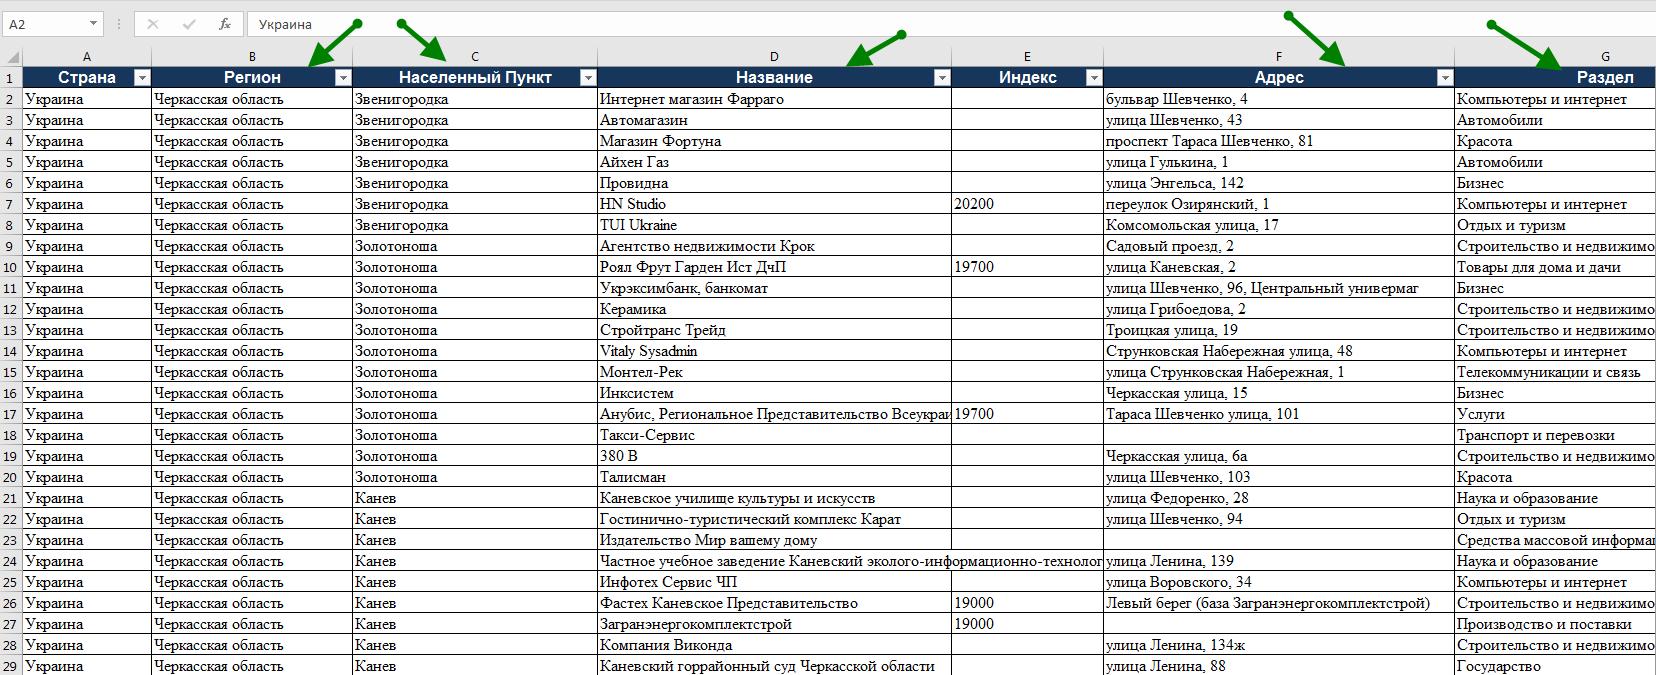 база данных для рассылки